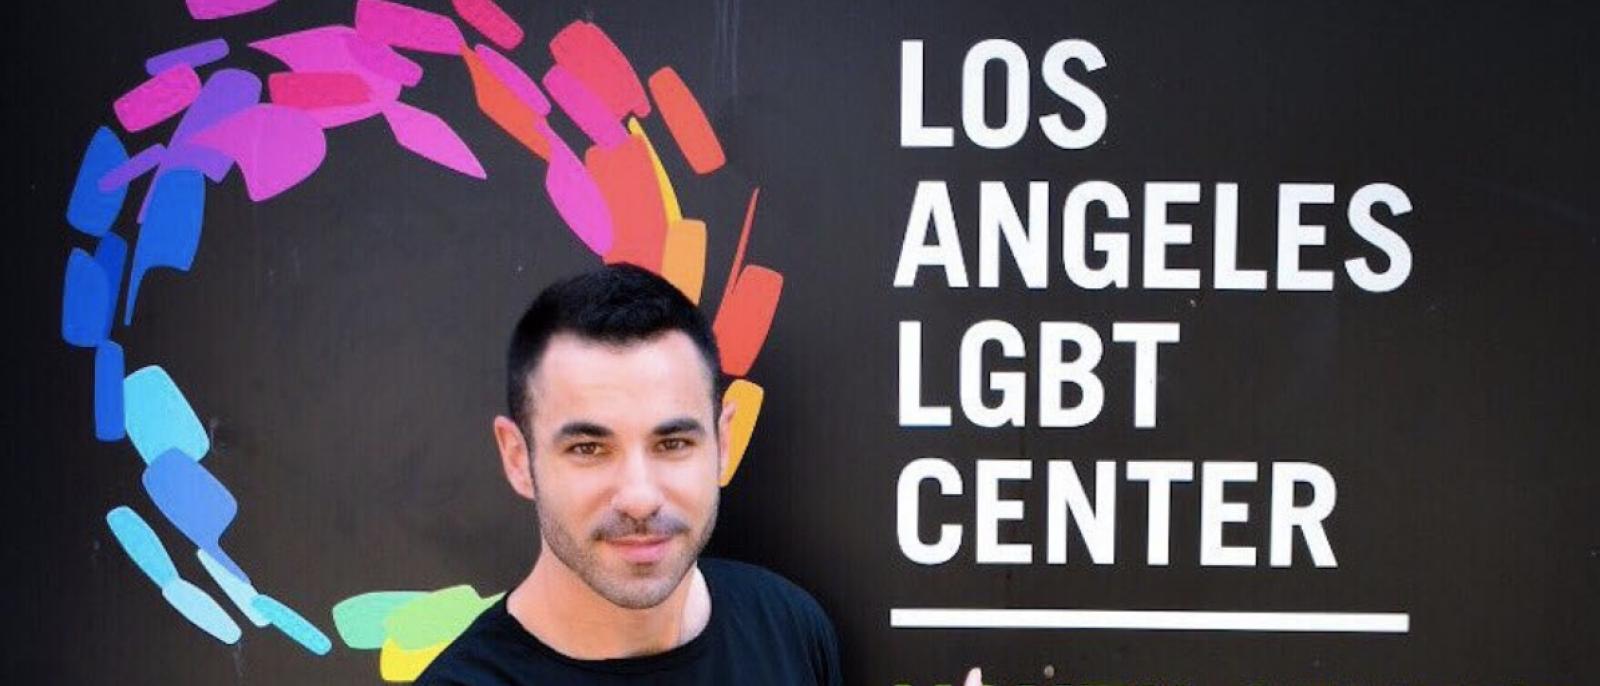 Idan Matalon Los Angeles LGBT Center